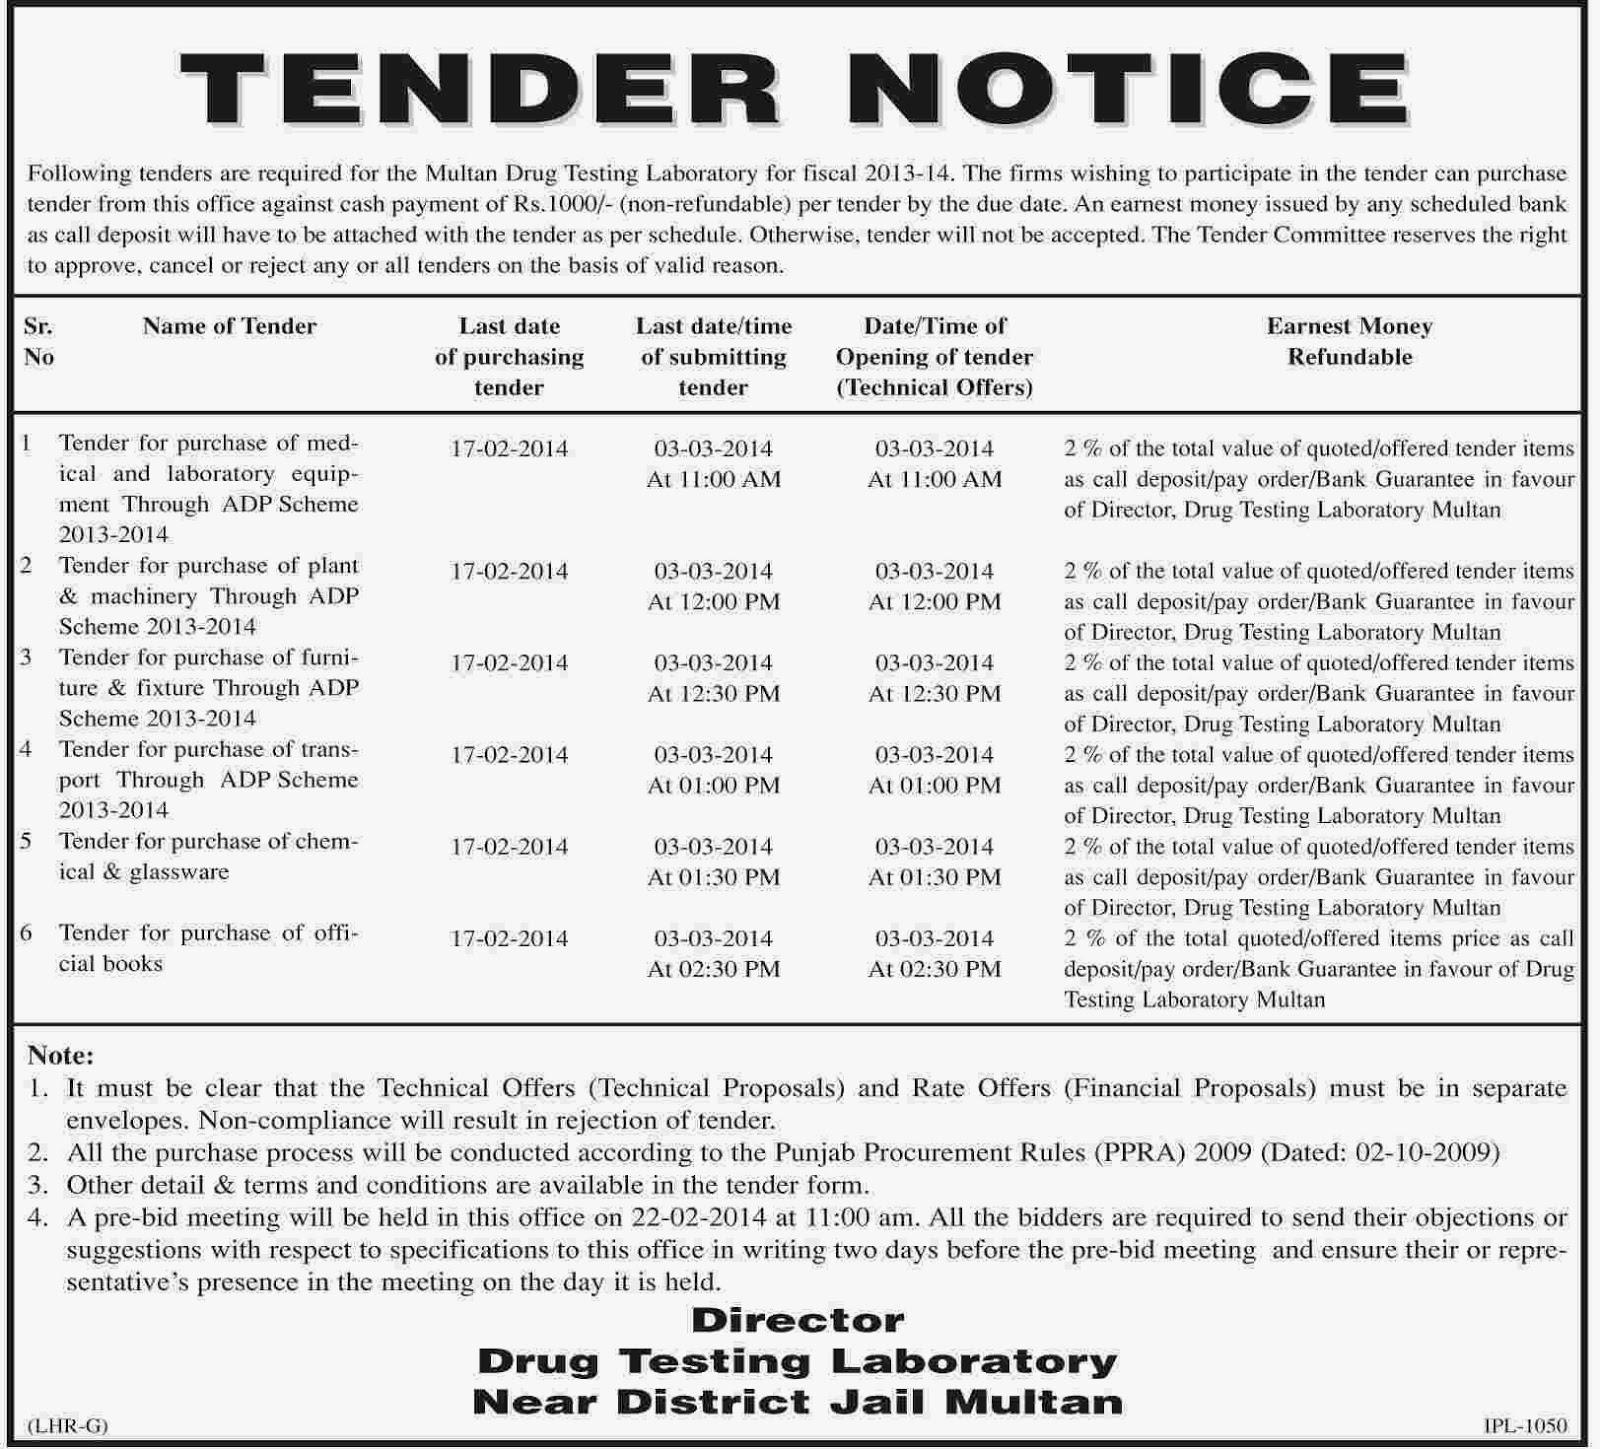 Online PapersPk: Drug Testing Laboratory Multan Tender of Notice